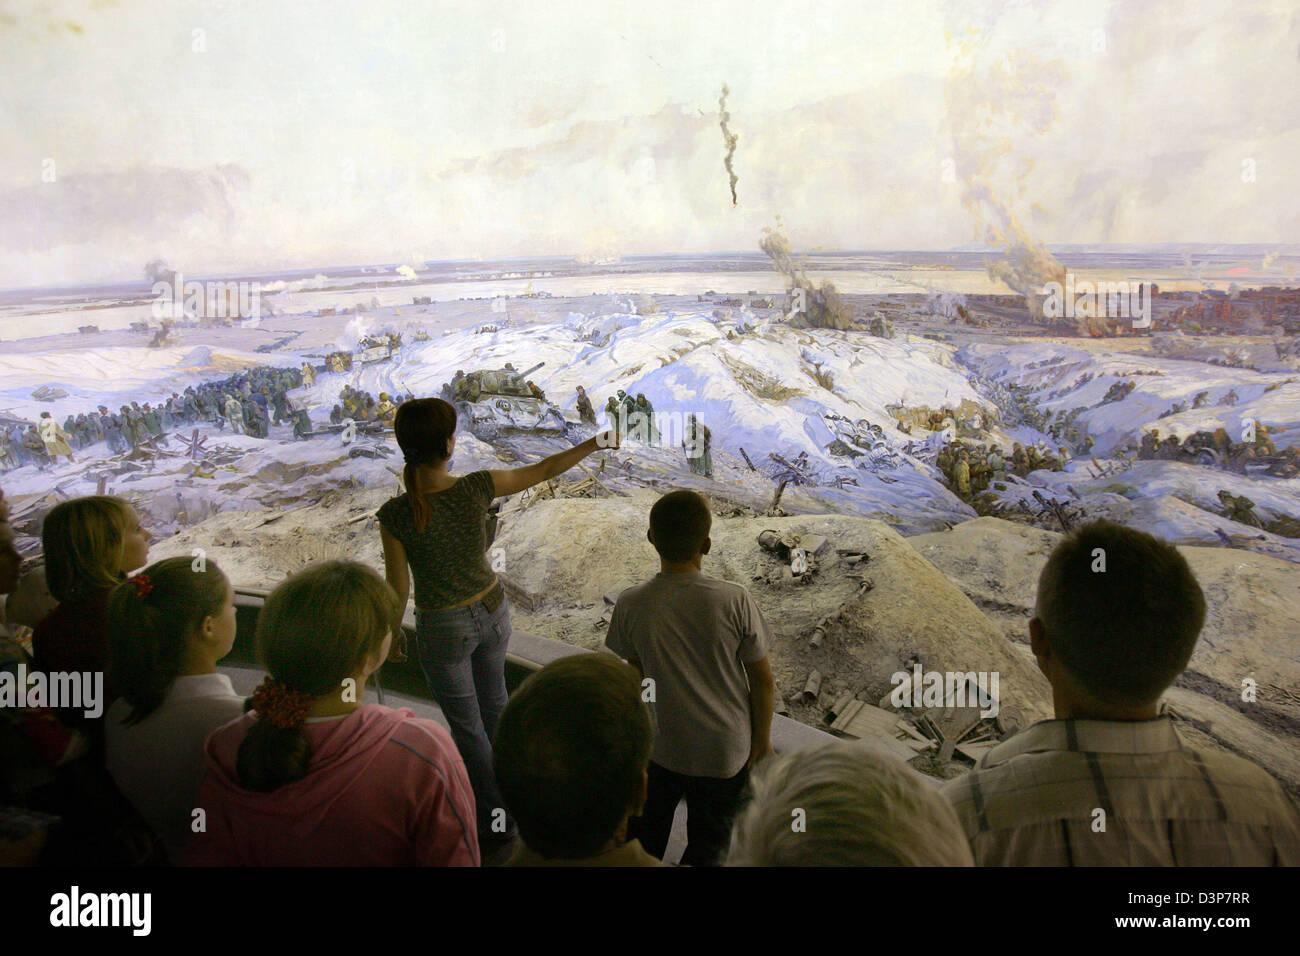 Besucher des Panorama Museums in der ehemaligen Stalingrad Augen eine riesige Panoramabild mit Szenen aus der Schlacht Stockbild